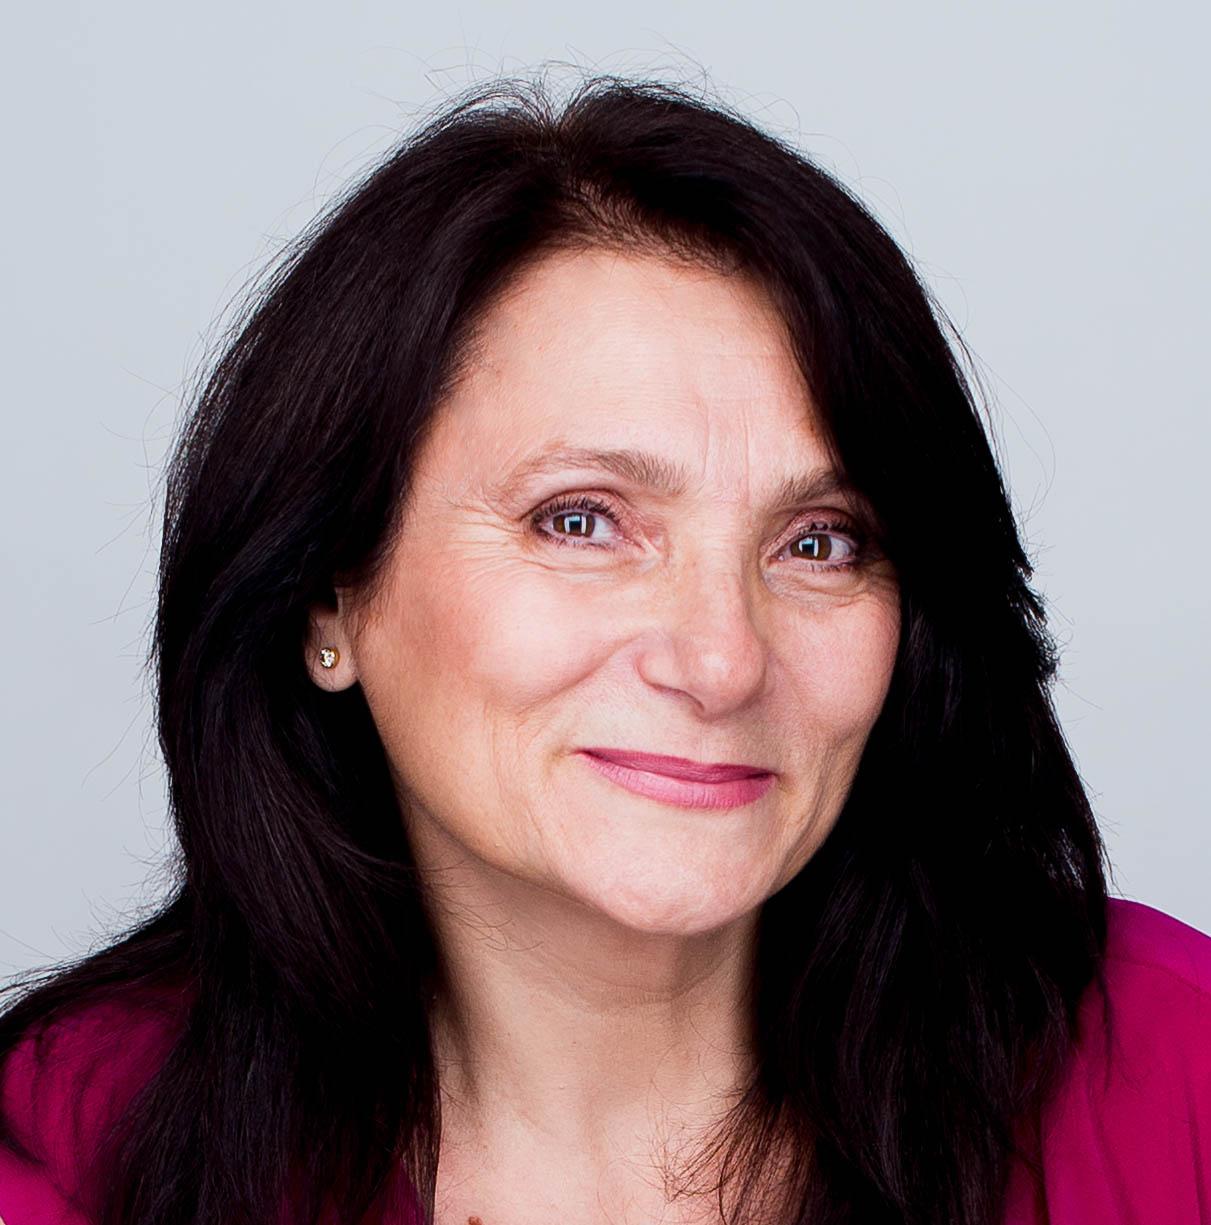 CarmelaCarmela